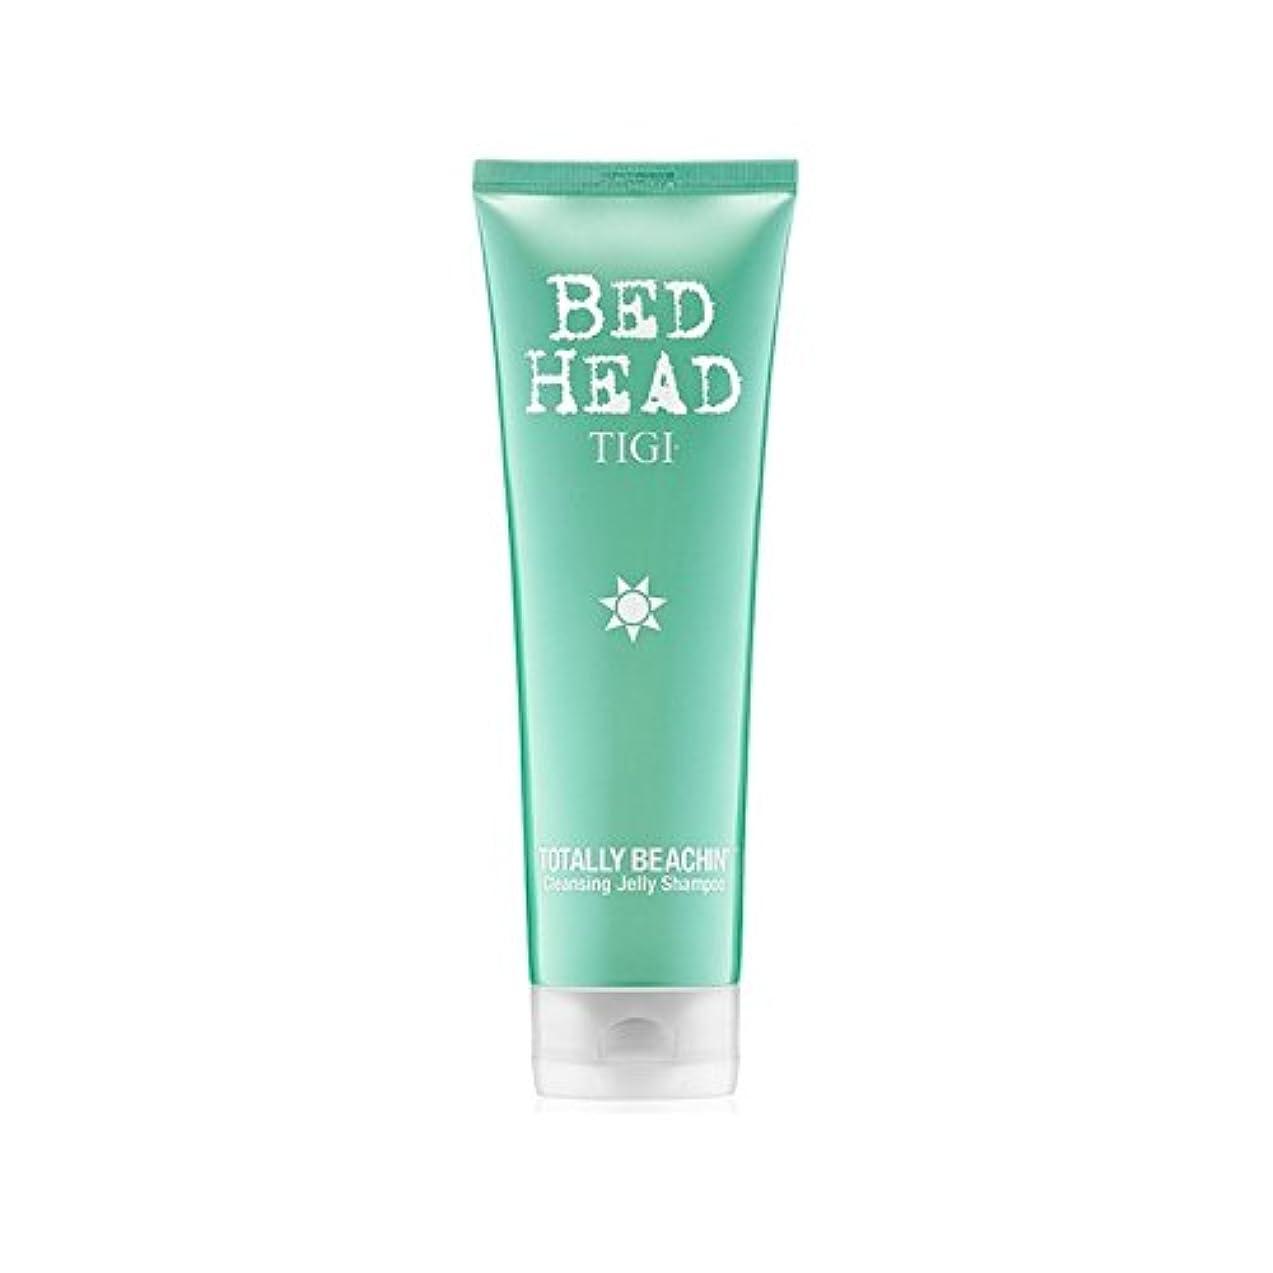 アノイ死んでいる貧困完全にクレンジングゼリーシャンプー(250ミリリットル)ティジーベッドヘッド x2 - Tigi Bed Head Totally Beachin Cleansing Jelly Shampoo (250ml) (Pack of 2) [並行輸入品]